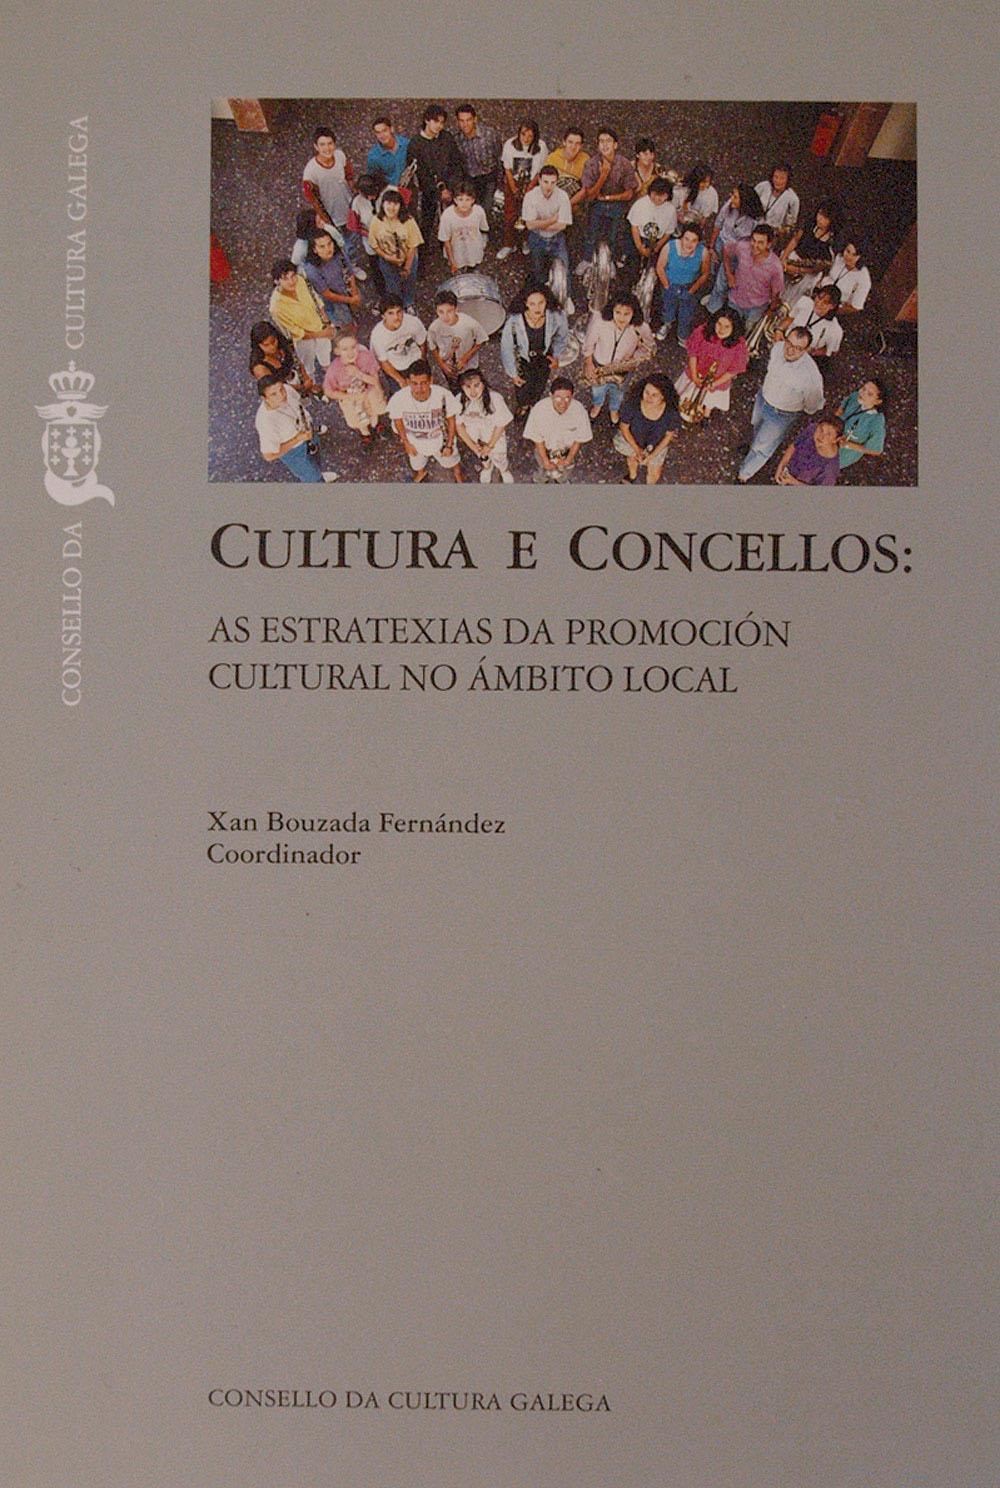 Portada de  Cultura e concellos: as estratexias da promoción cultural no ámbito local